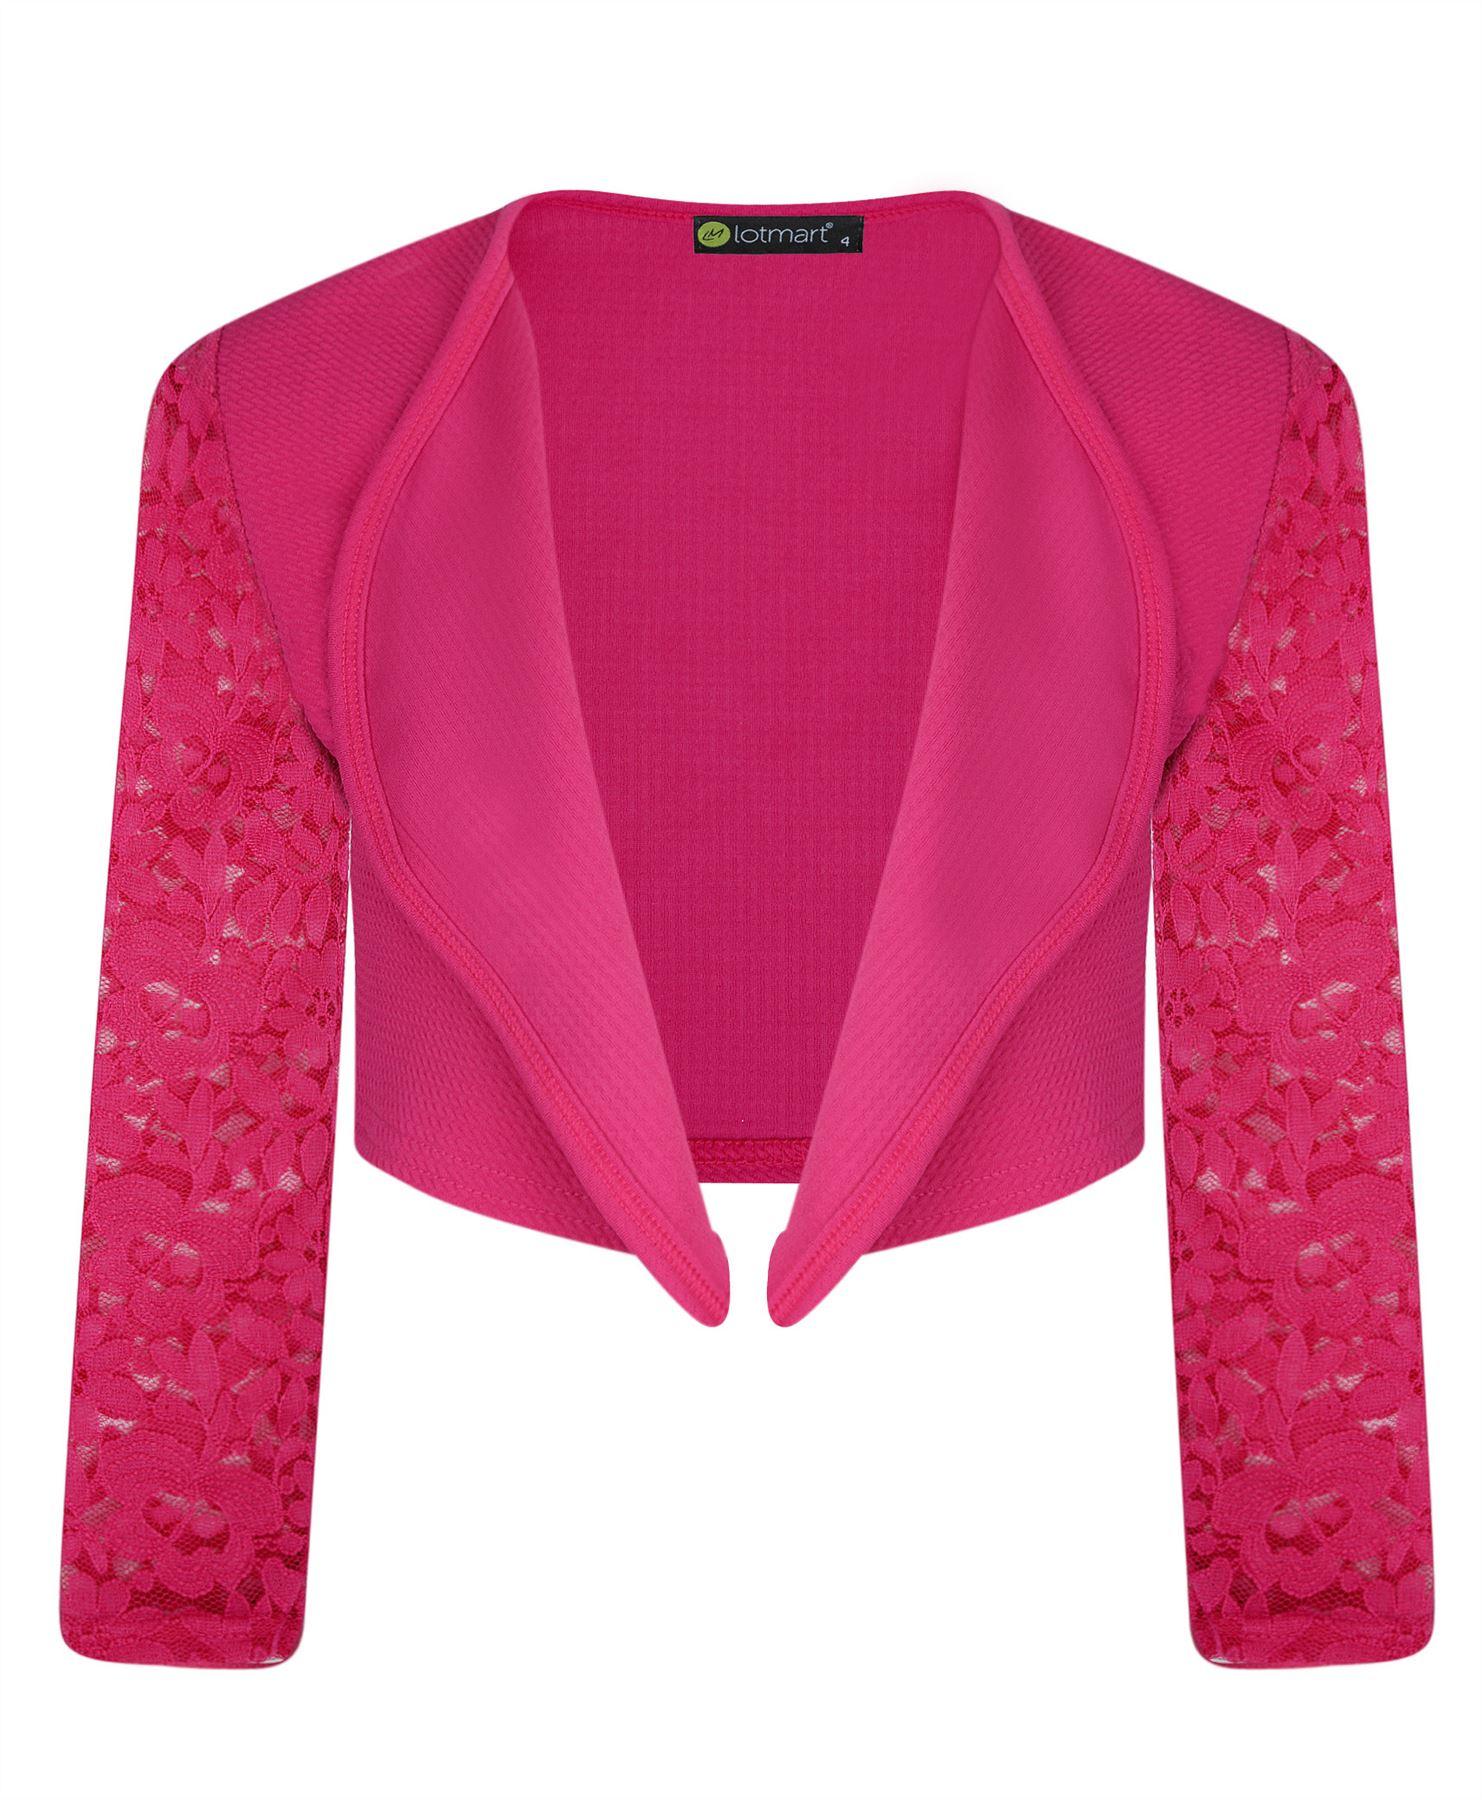 Girls Open Front Bolero Shrug Kids Long Lace Sleeve Cardigan Jacket ...